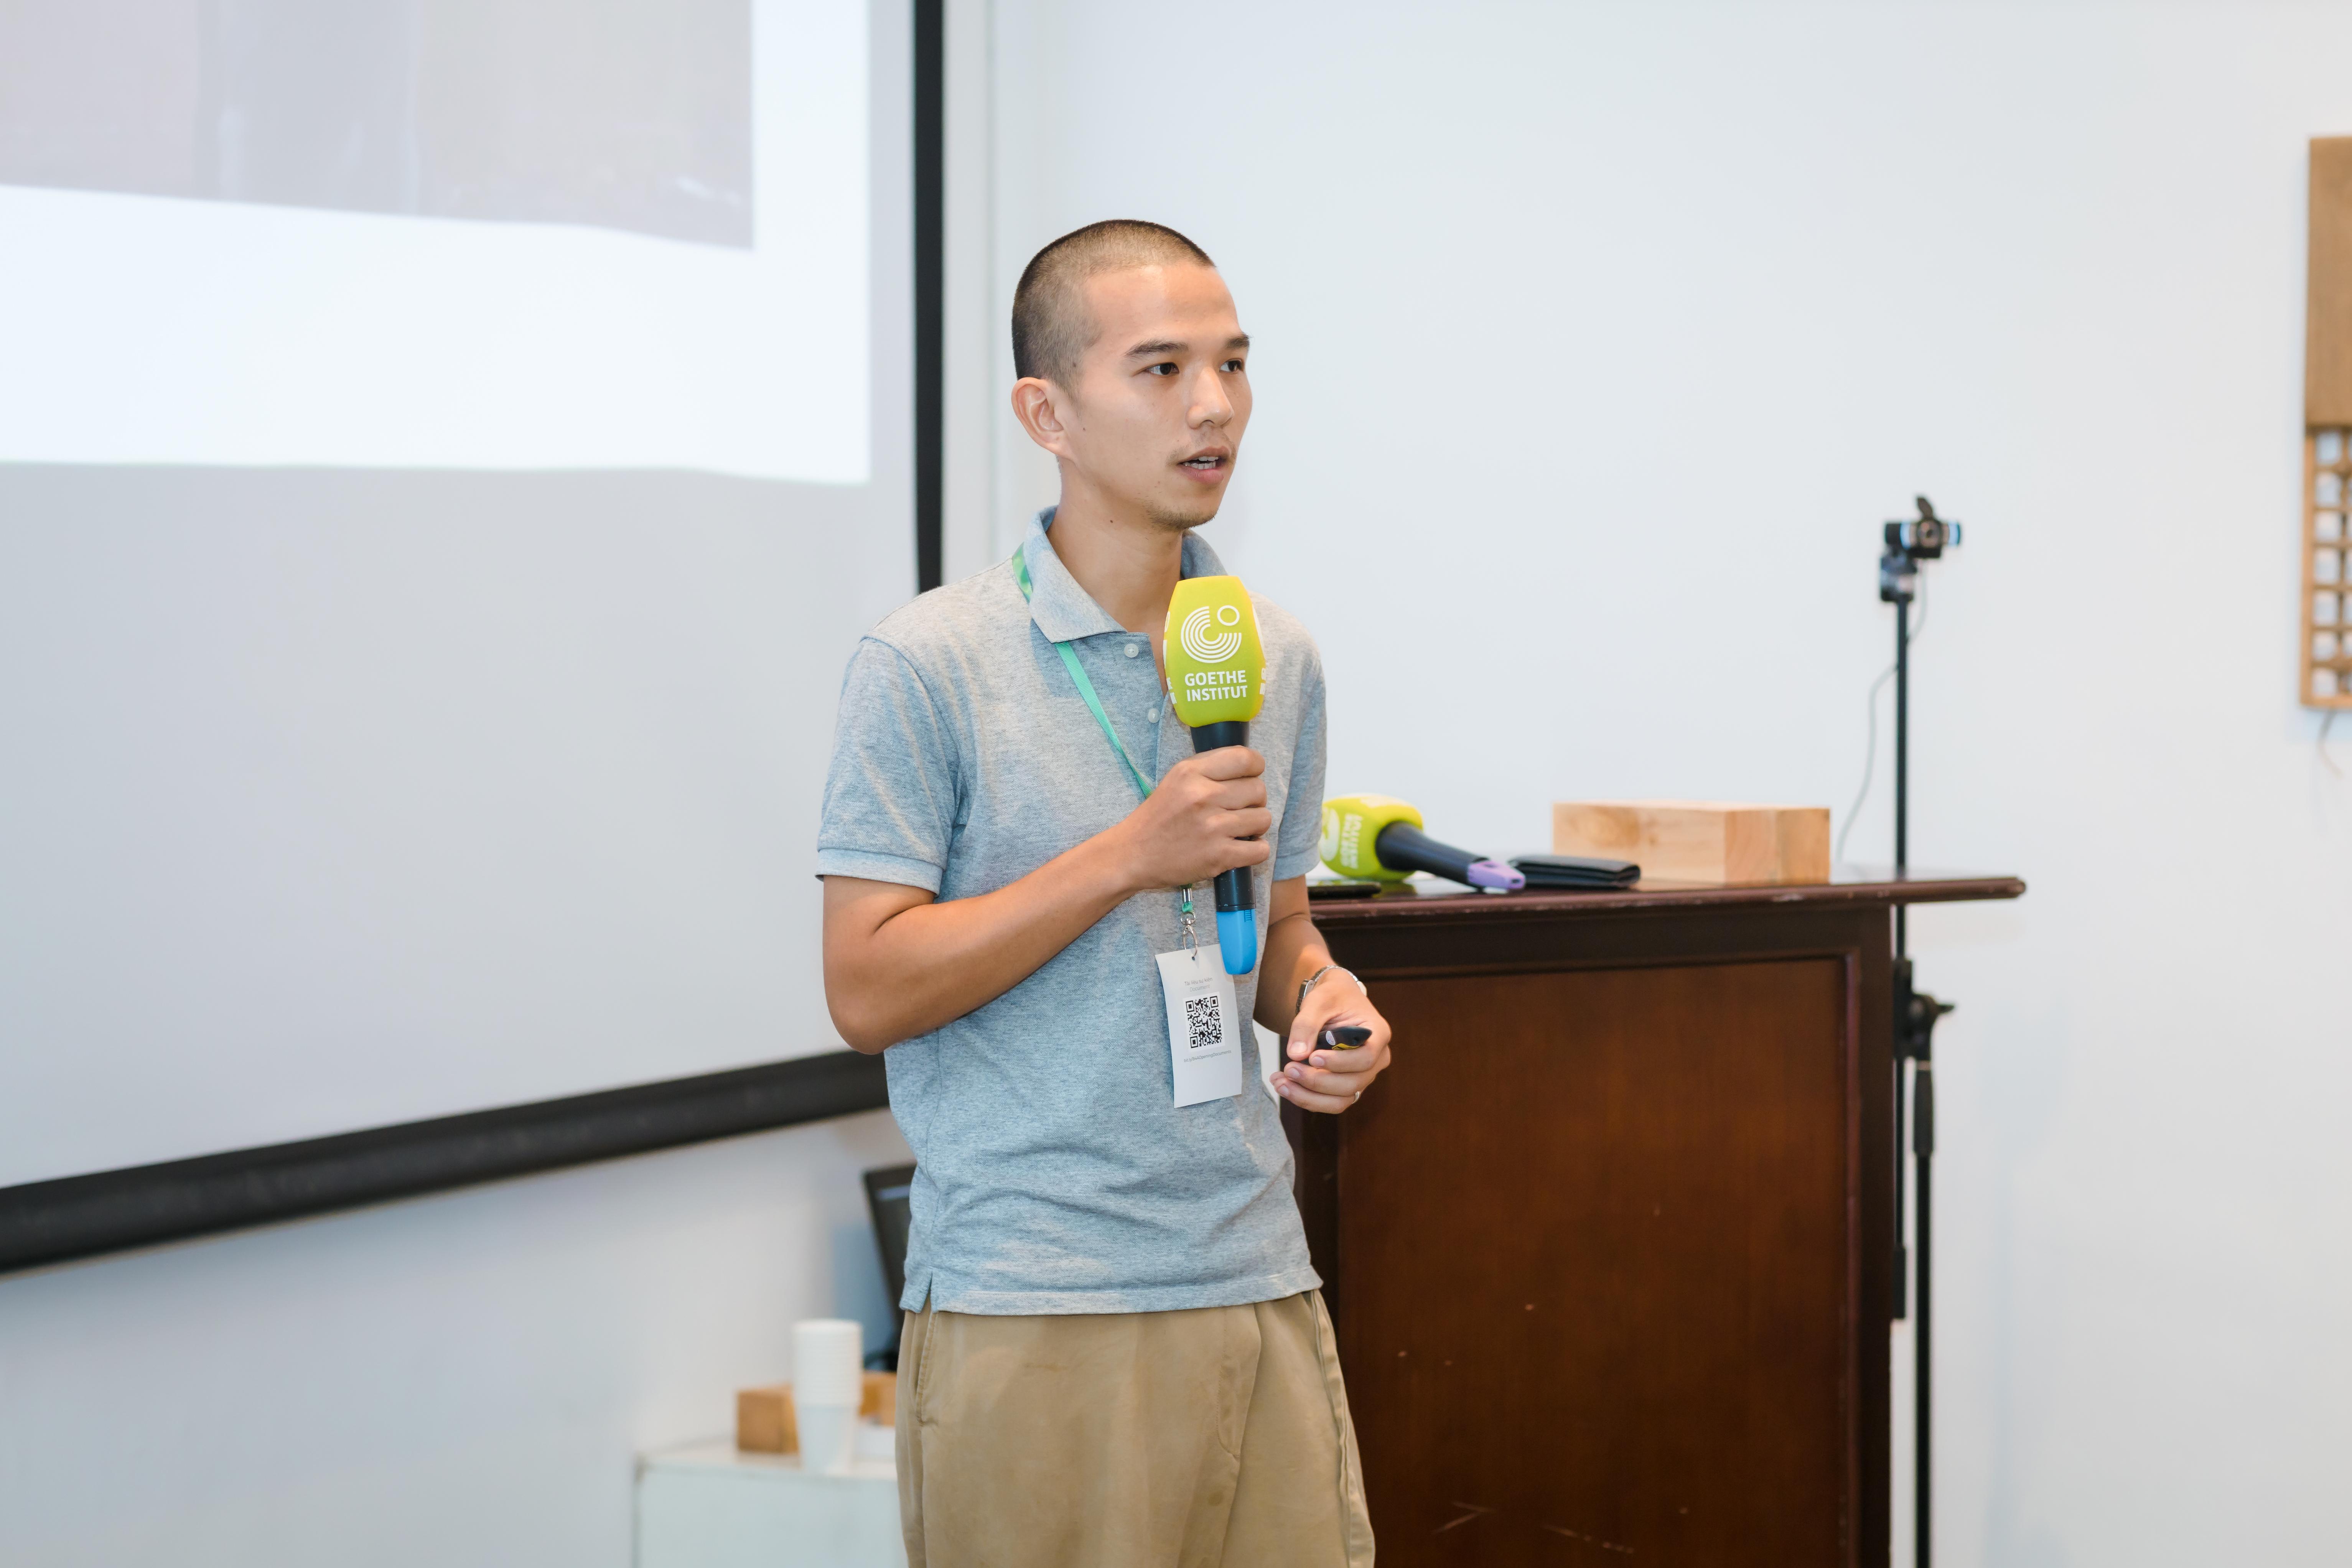 Ông Nguyễn Minh Vũ, sáng lập Lá library chia sẻ về xu hướng xây dựng nhà đất với giải pháp tuần hoàn bền vững